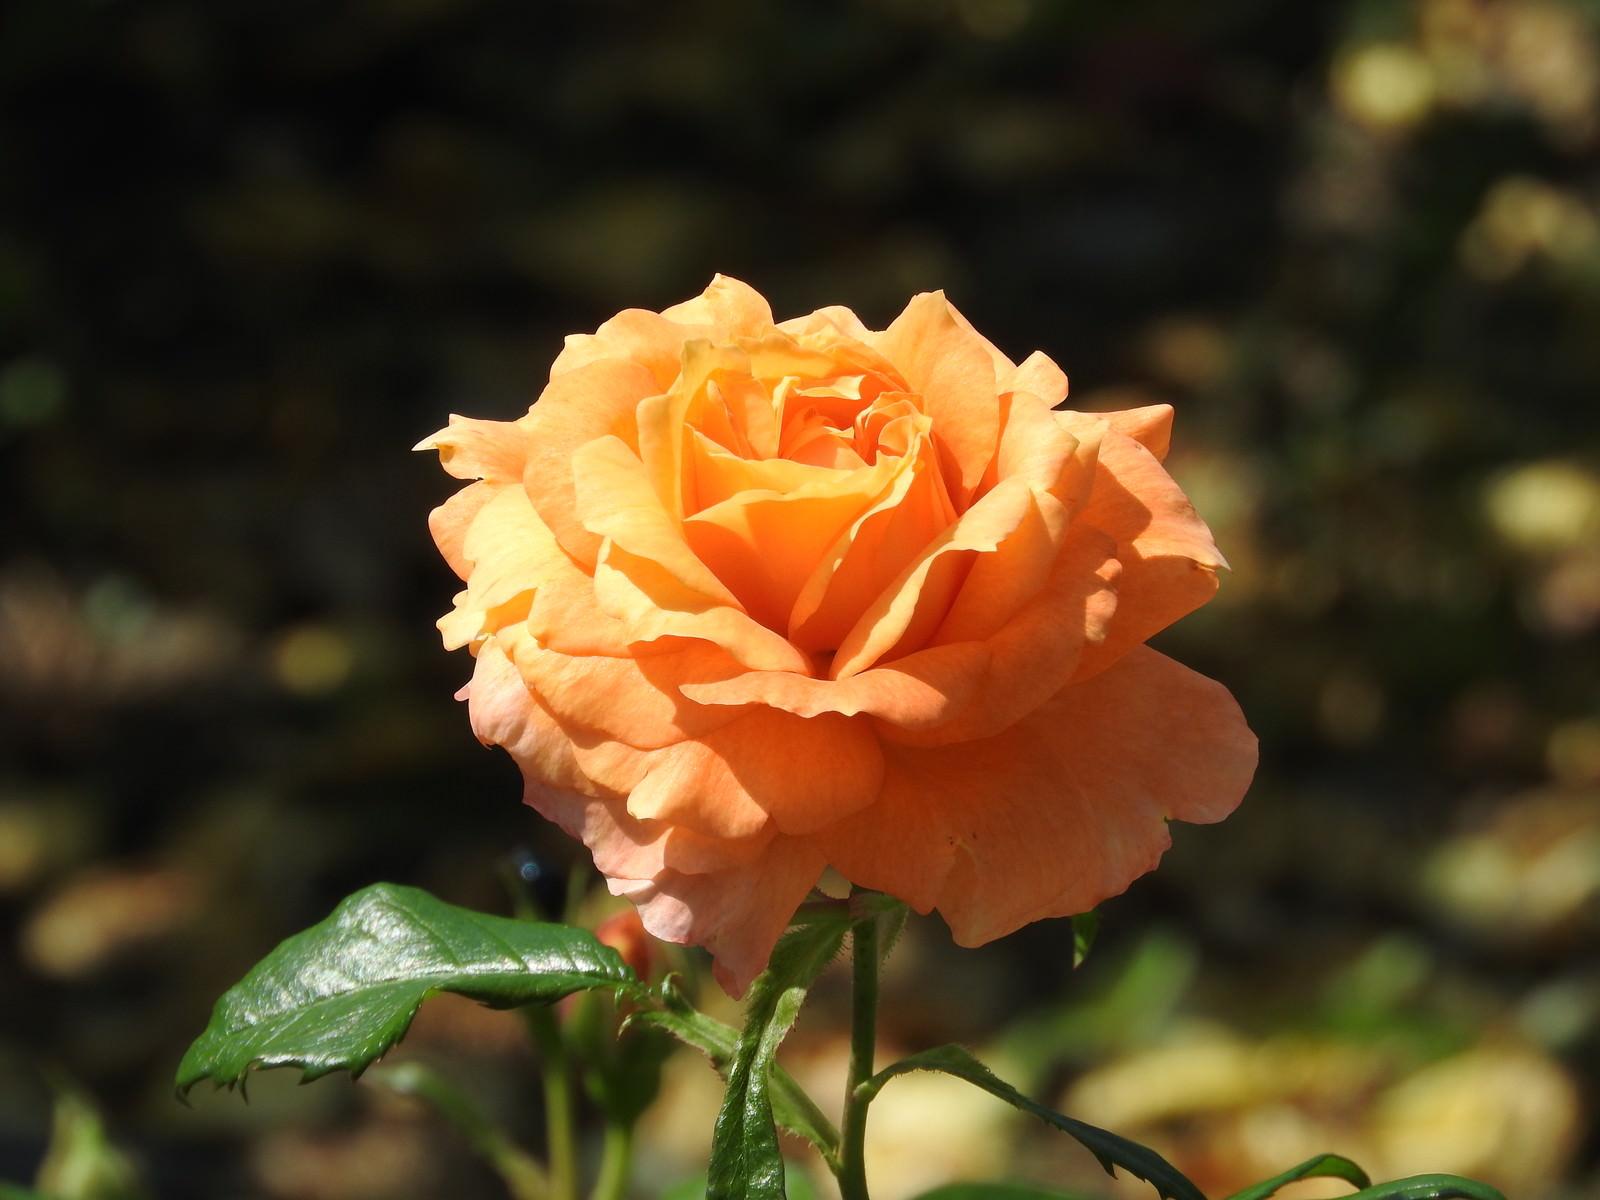 「開花したオレンジ色の薔薇」の写真